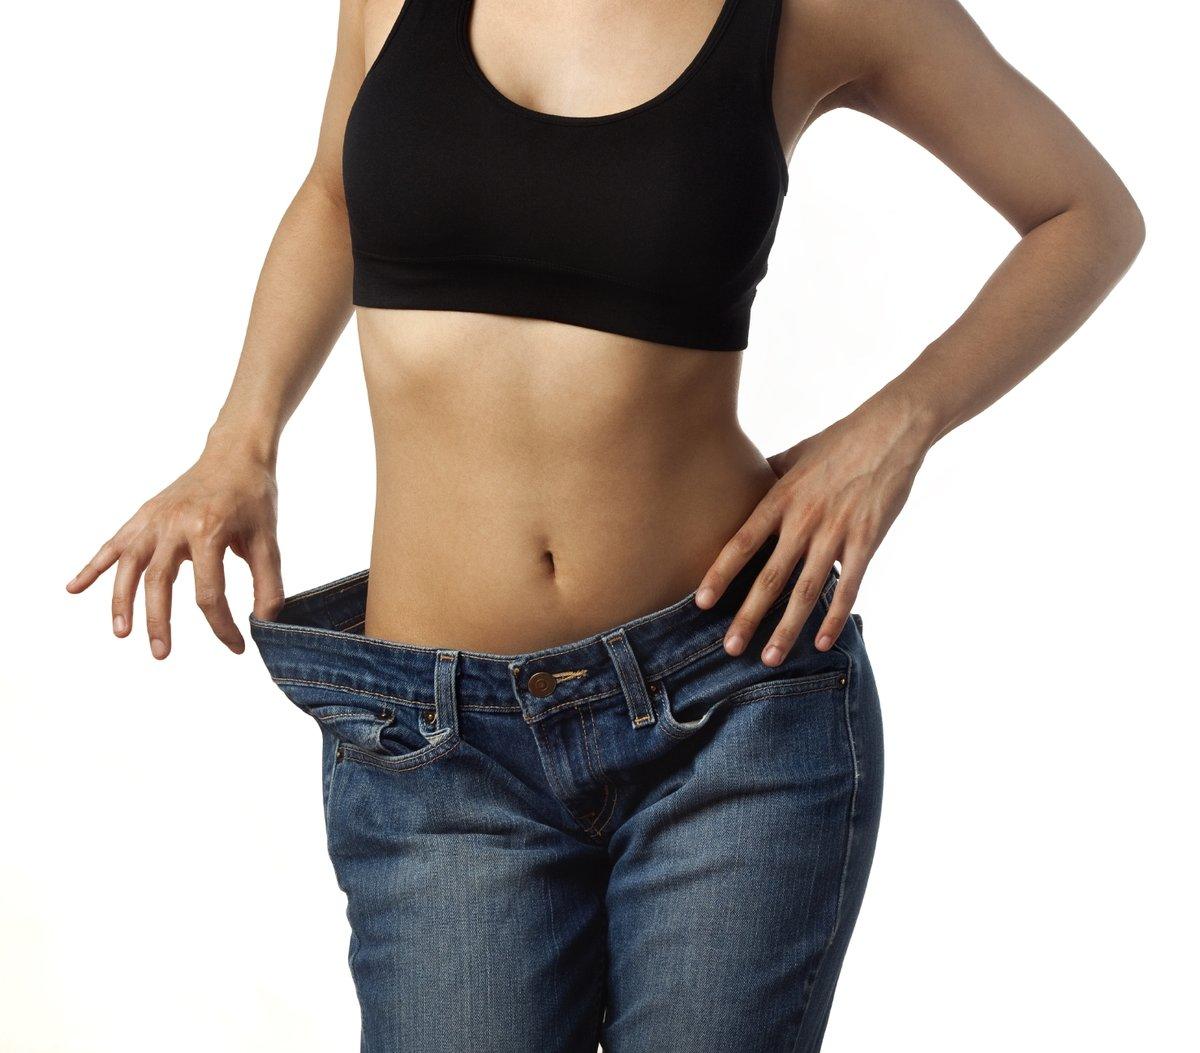 Похудеть Фото Картинки. Прикольные картинки про диету (70 фото)